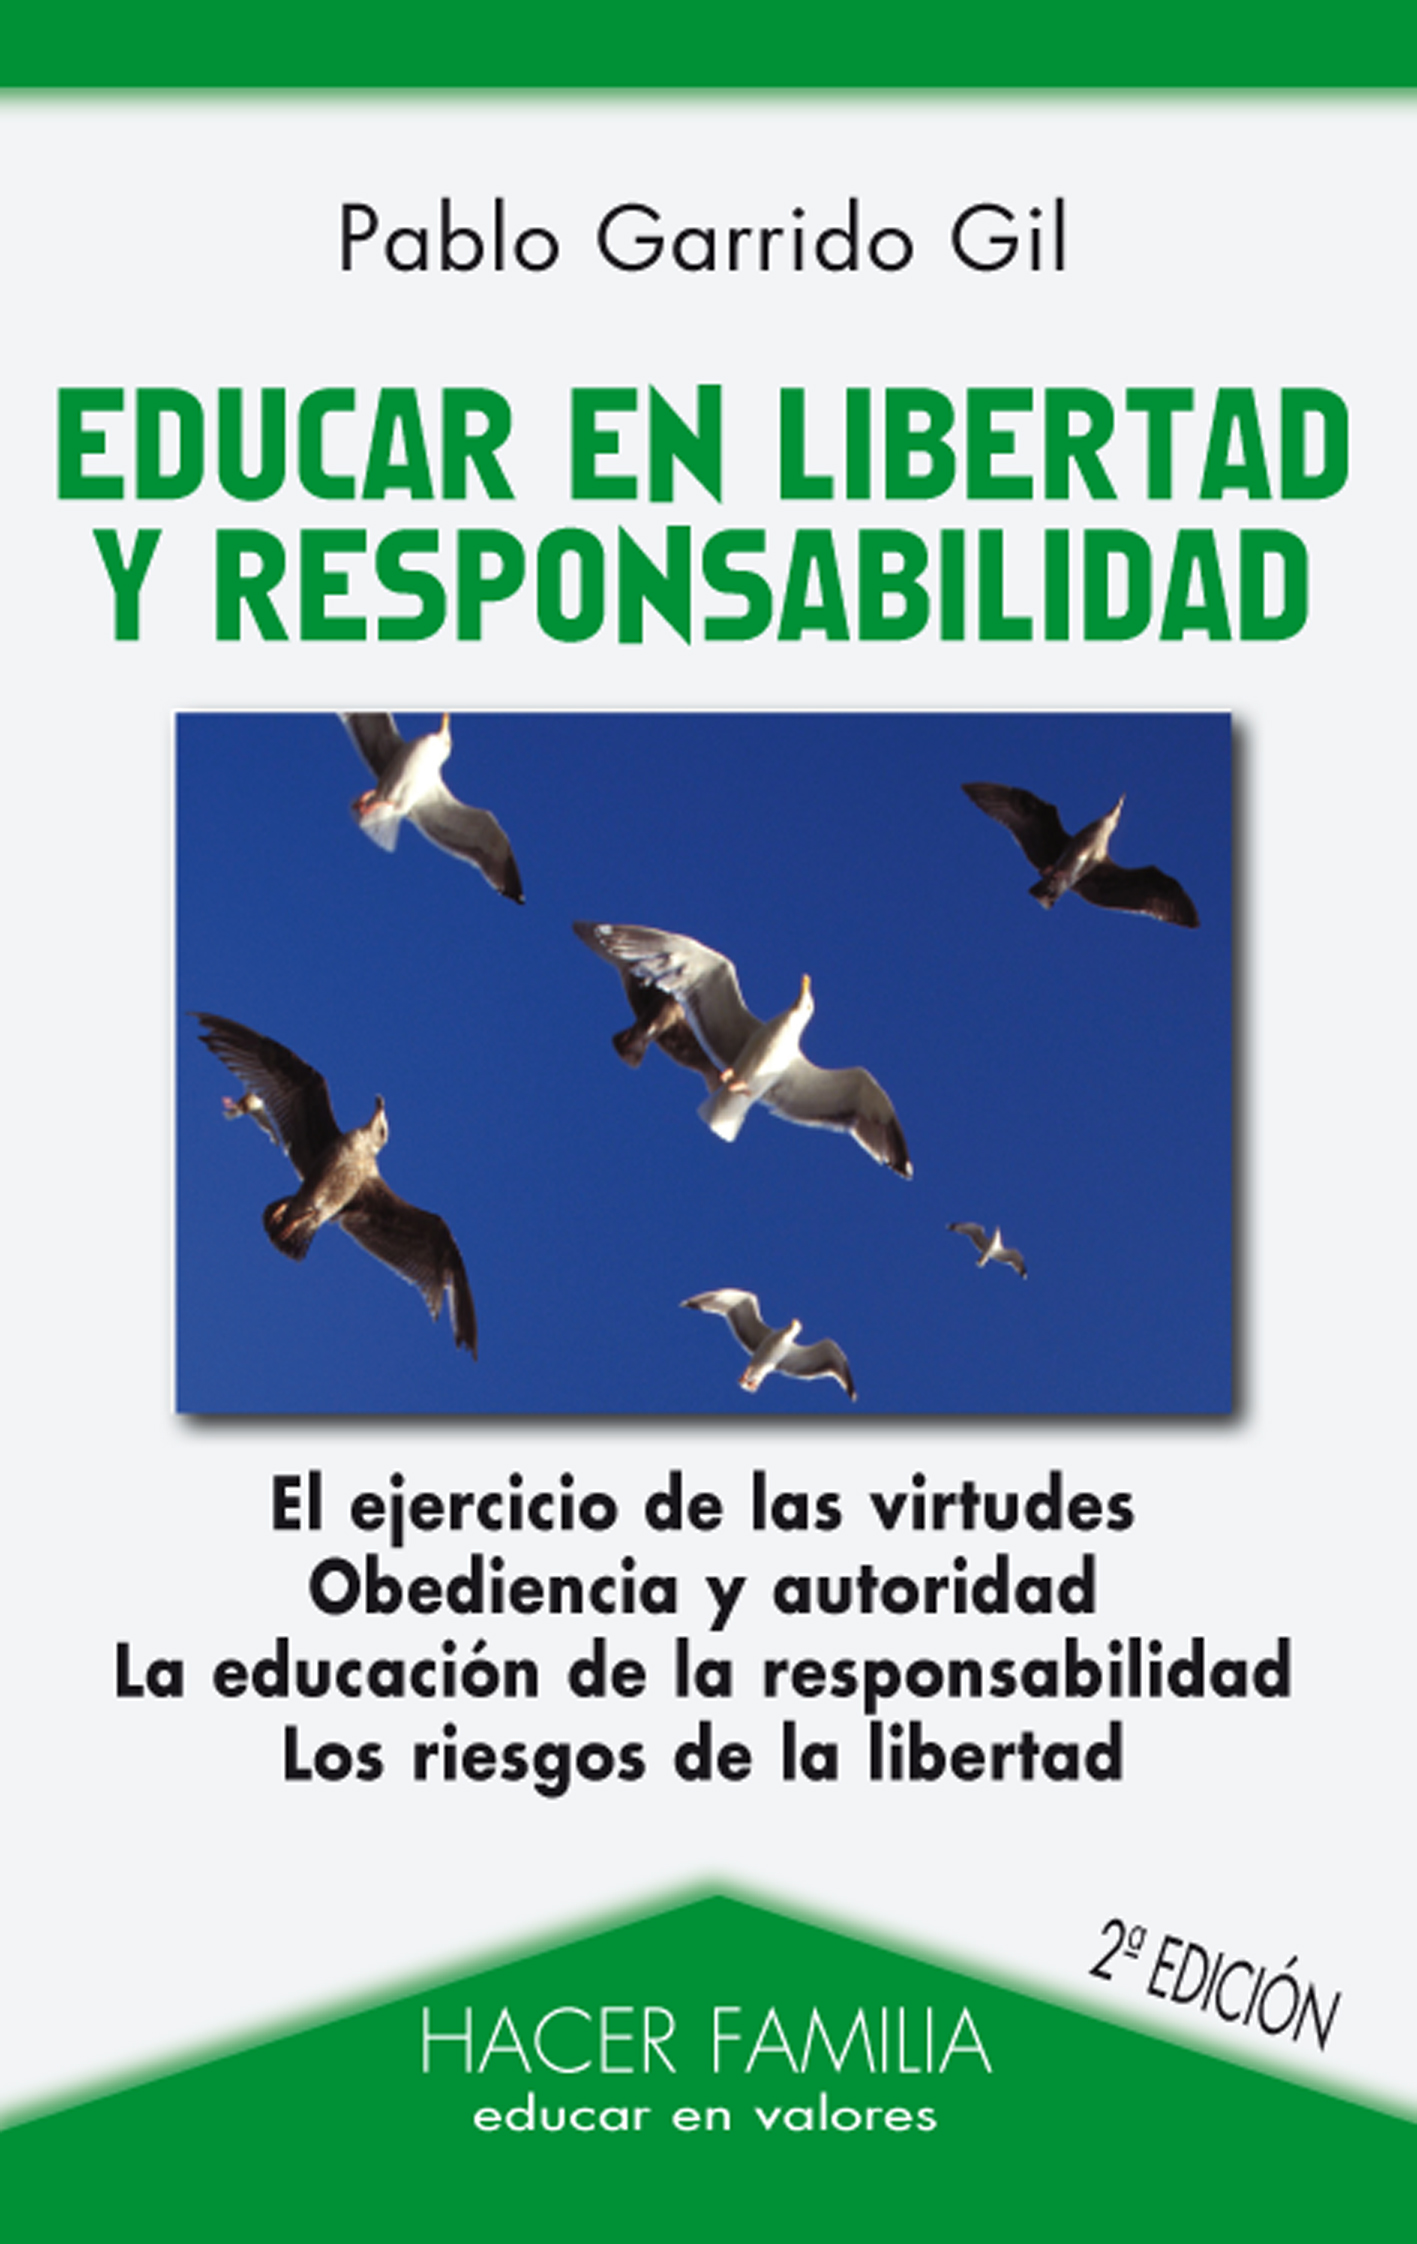 libro educar en libertad y responsabilidad de pablo